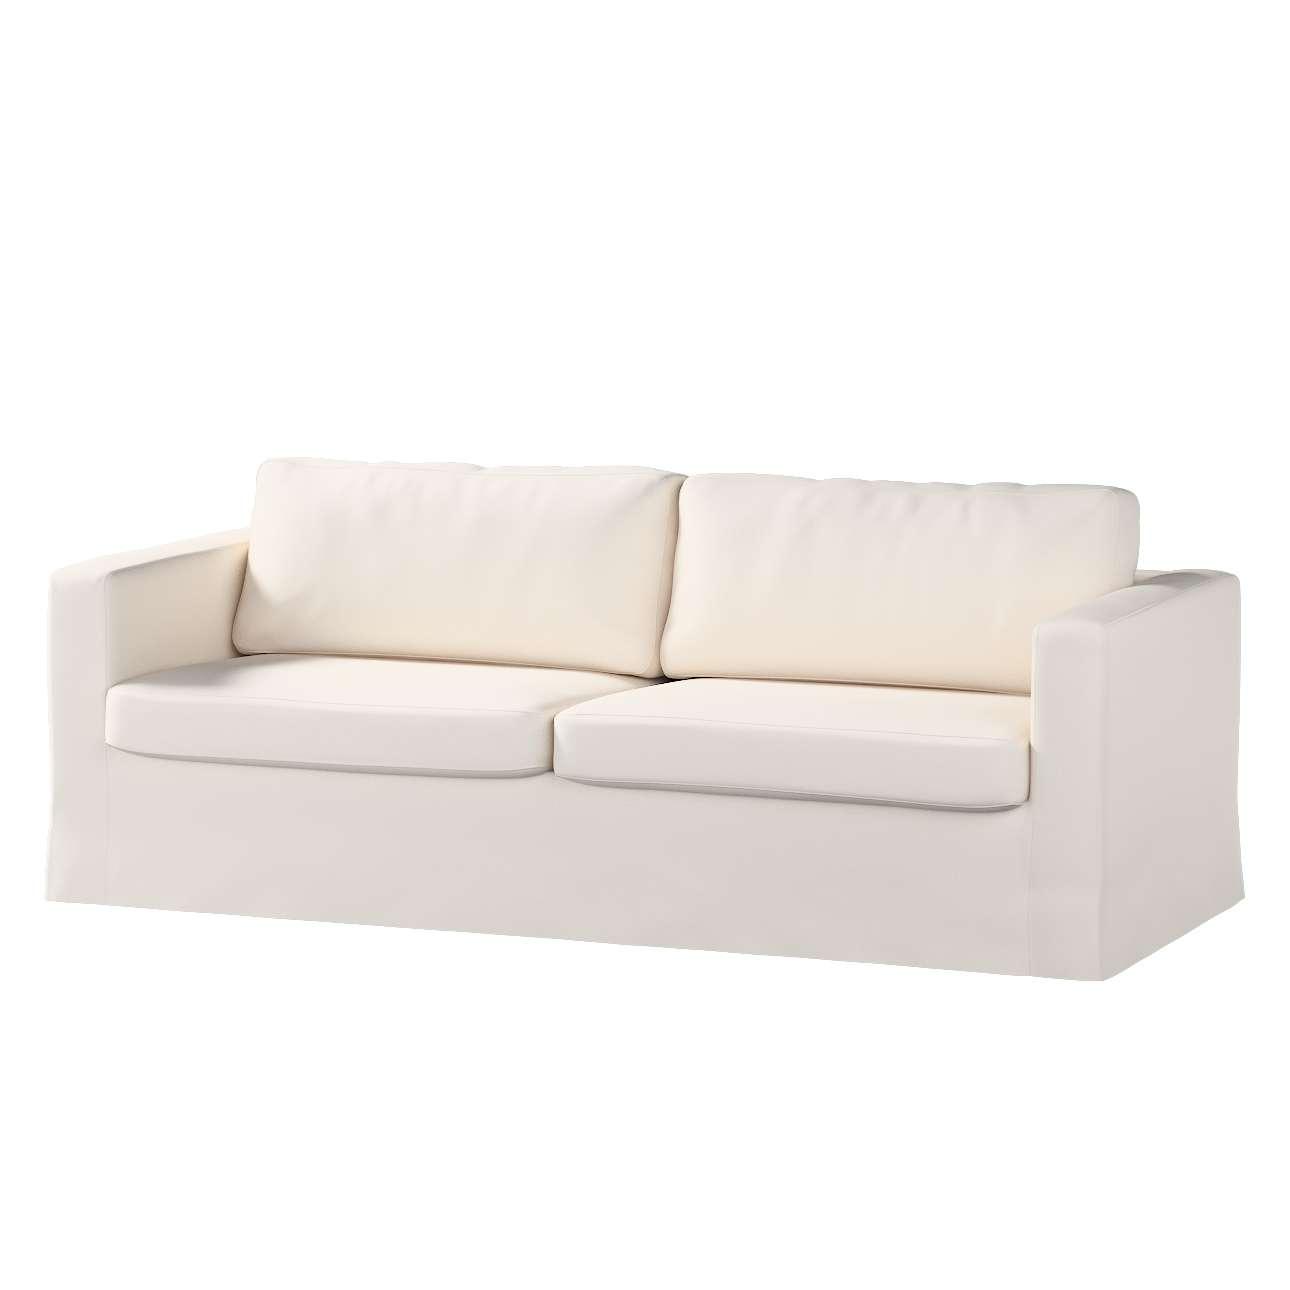 Karlstad trivietės sofos užvalkalas (ilgas, iki žemės) Karlstad trivietės sofos užvalkalas (ilgas, iki žemės) kolekcijoje Etna , audinys: 705-01